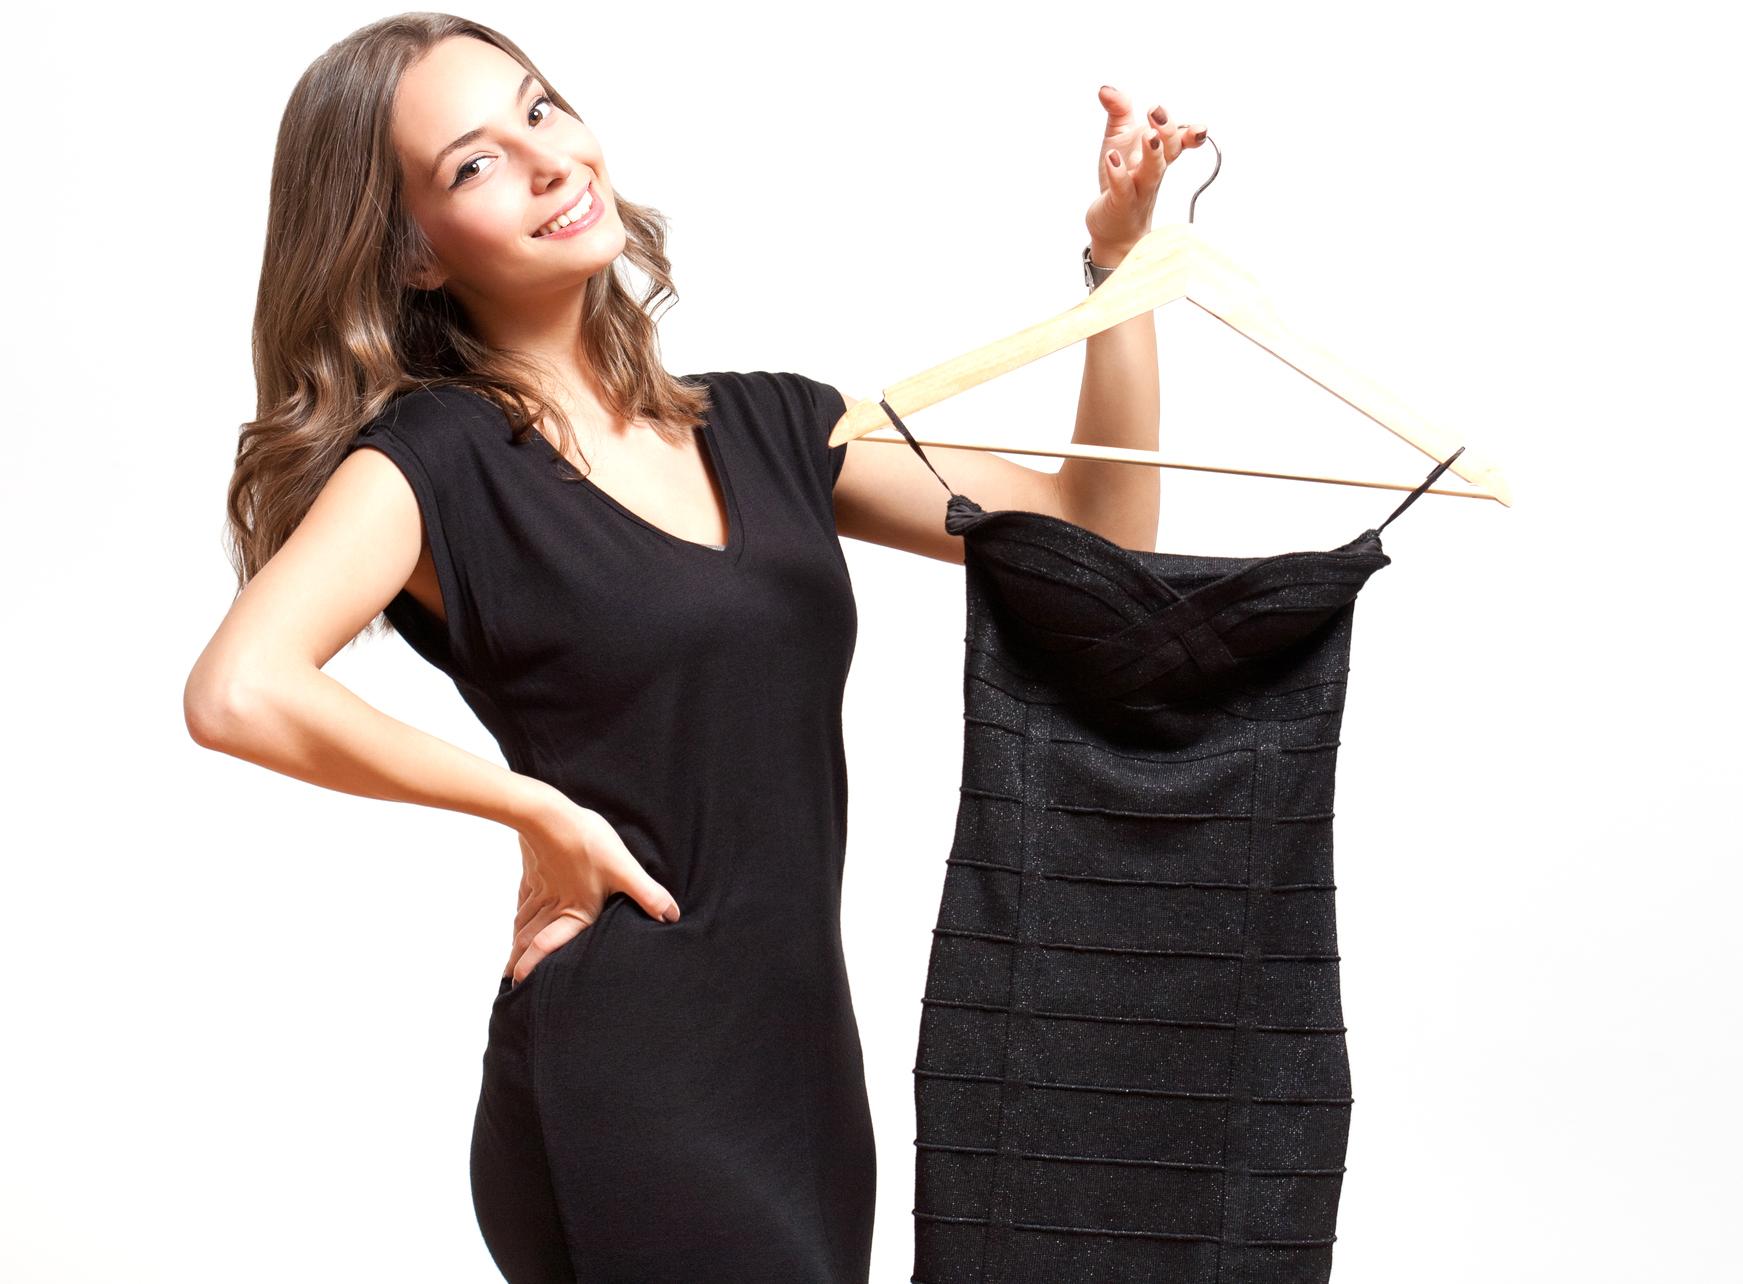 Black dress woman - Black Dress Woman 58